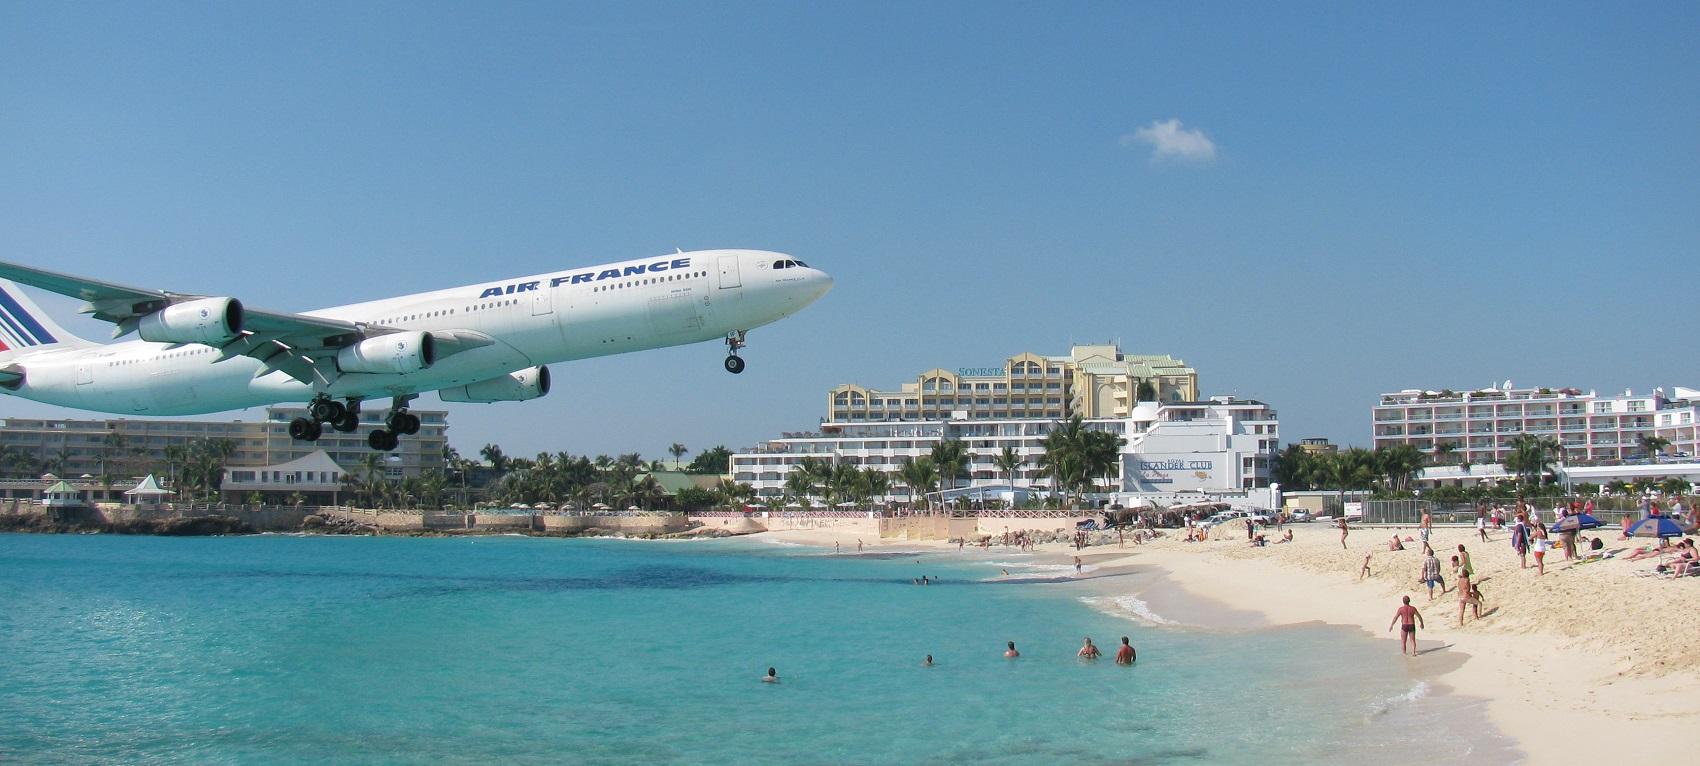 Gli aeroporti più pazzi del mondo: Sint Maarten e gli aerei che sfiorano i turisti in spiaggia